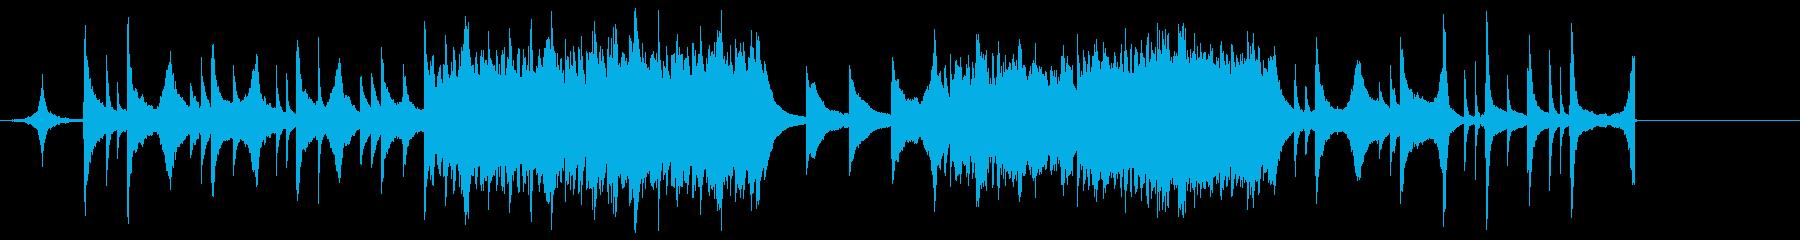 ピアノとストリングスのエモいバラードの再生済みの波形